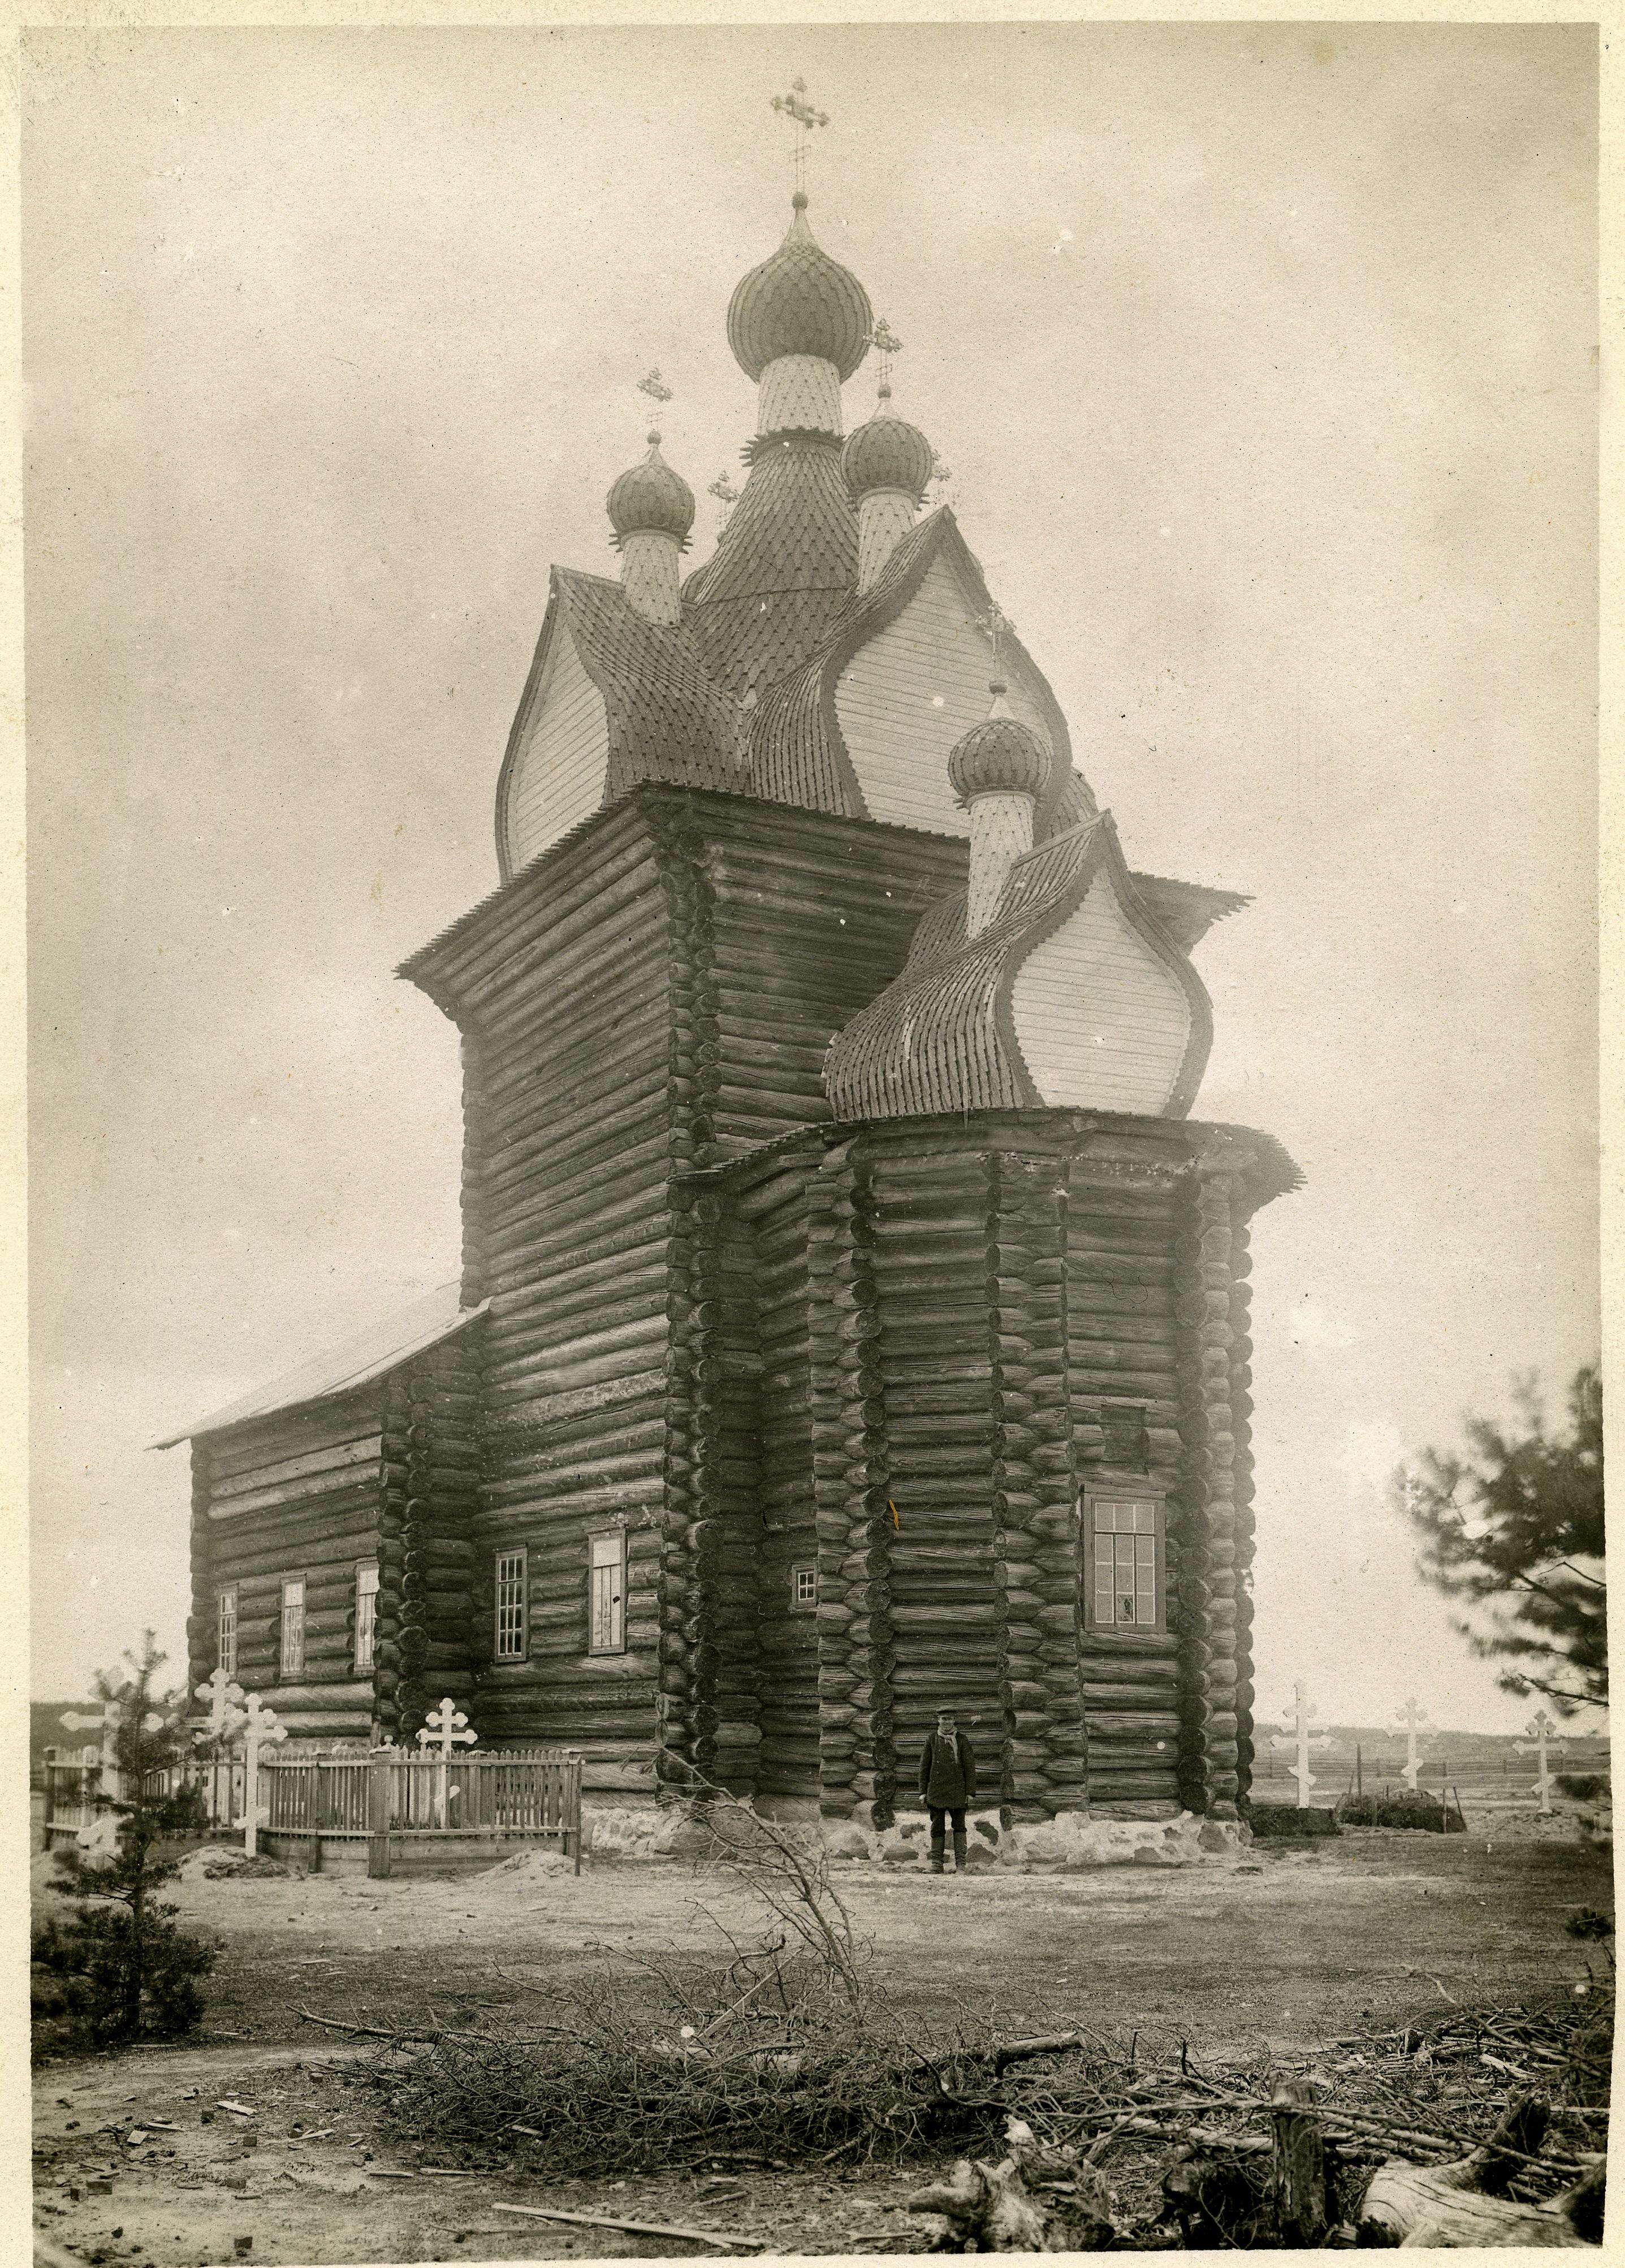 Церковь Николая Чудотворца 1687 года постройки в селе Сура после переноса на сельское кладбище с погоста в 1894 году, в результате которой были растесаны окна и зашиты доской бочки шатра. 1891